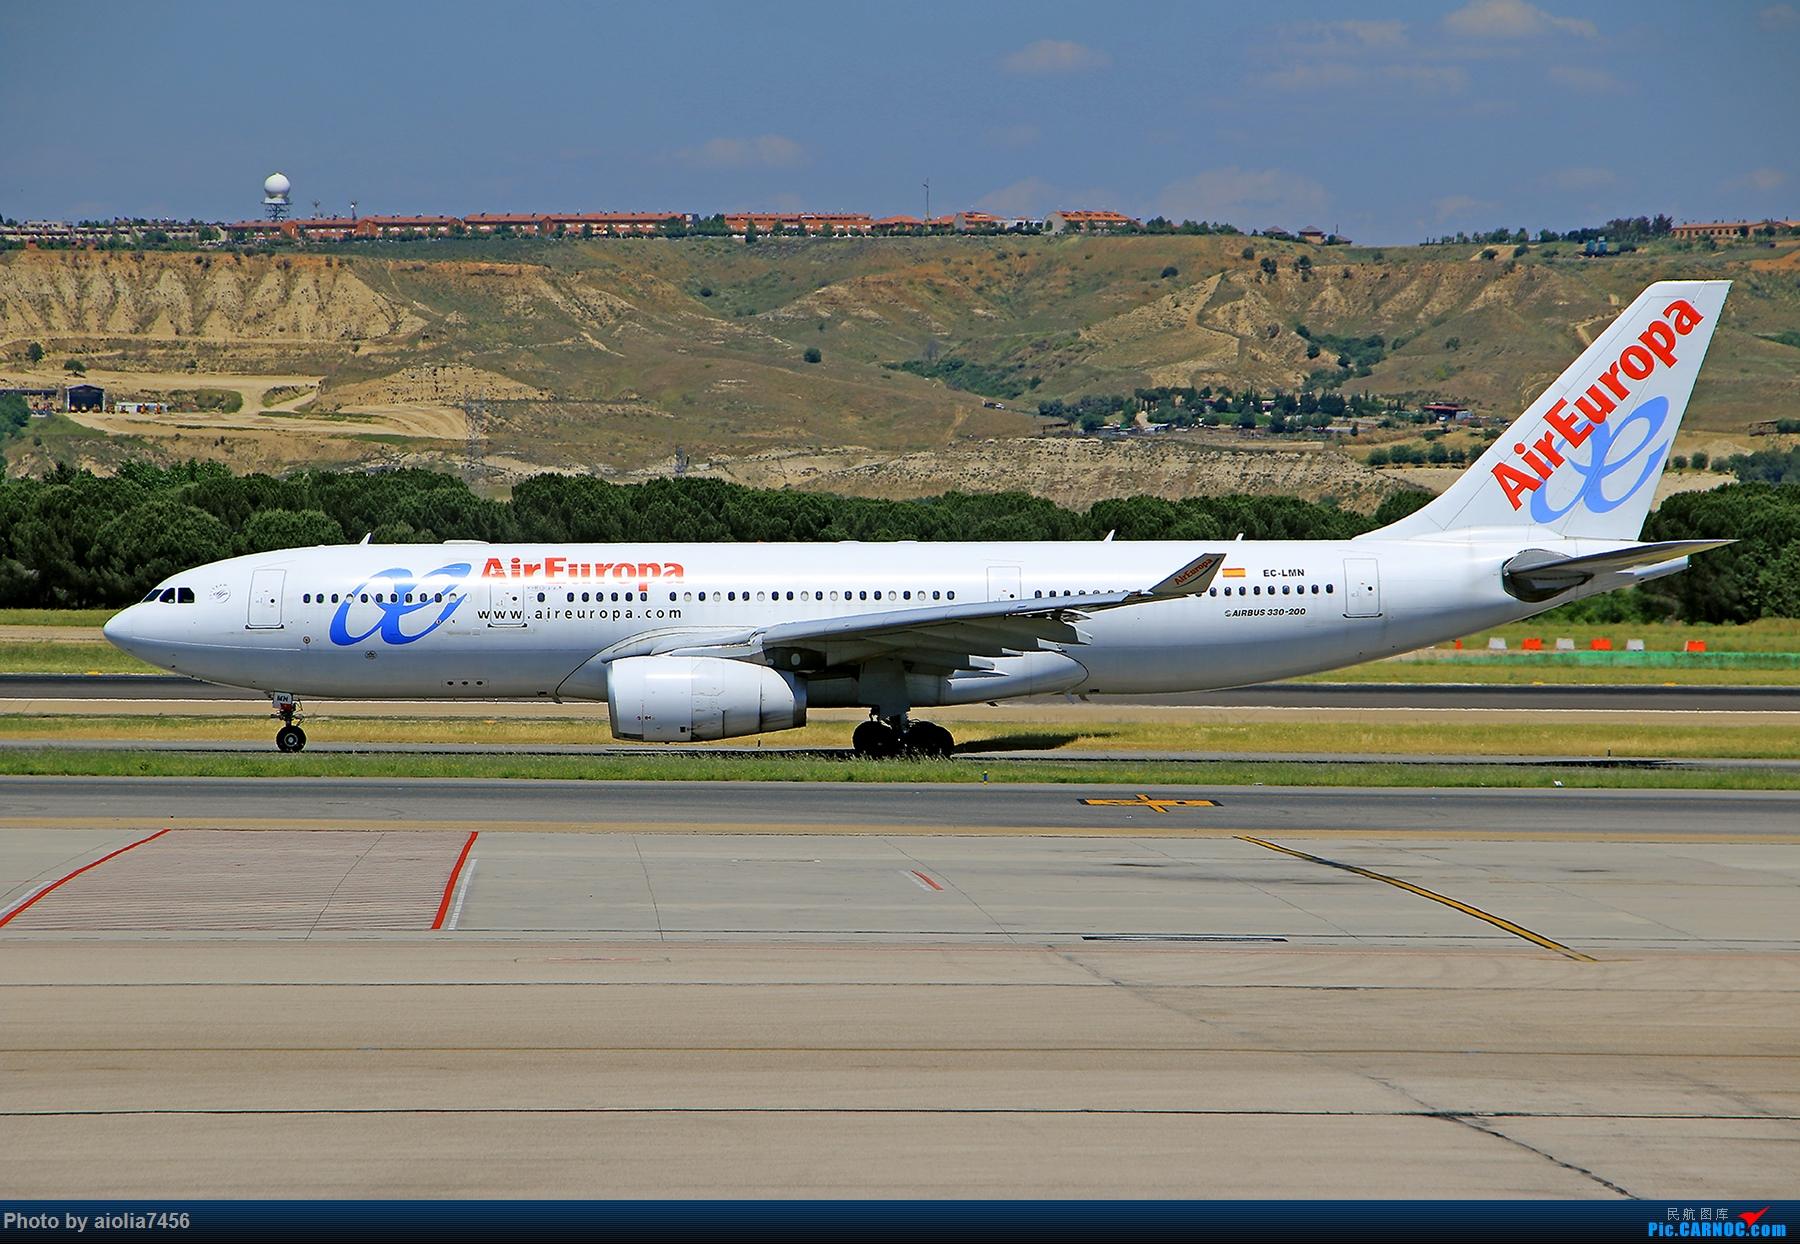 Re:[原创]【合肥飞友会】西行归来第二弹--西行拍机 AIRBUS A330-200 EC-MLN 西班牙马德里机场